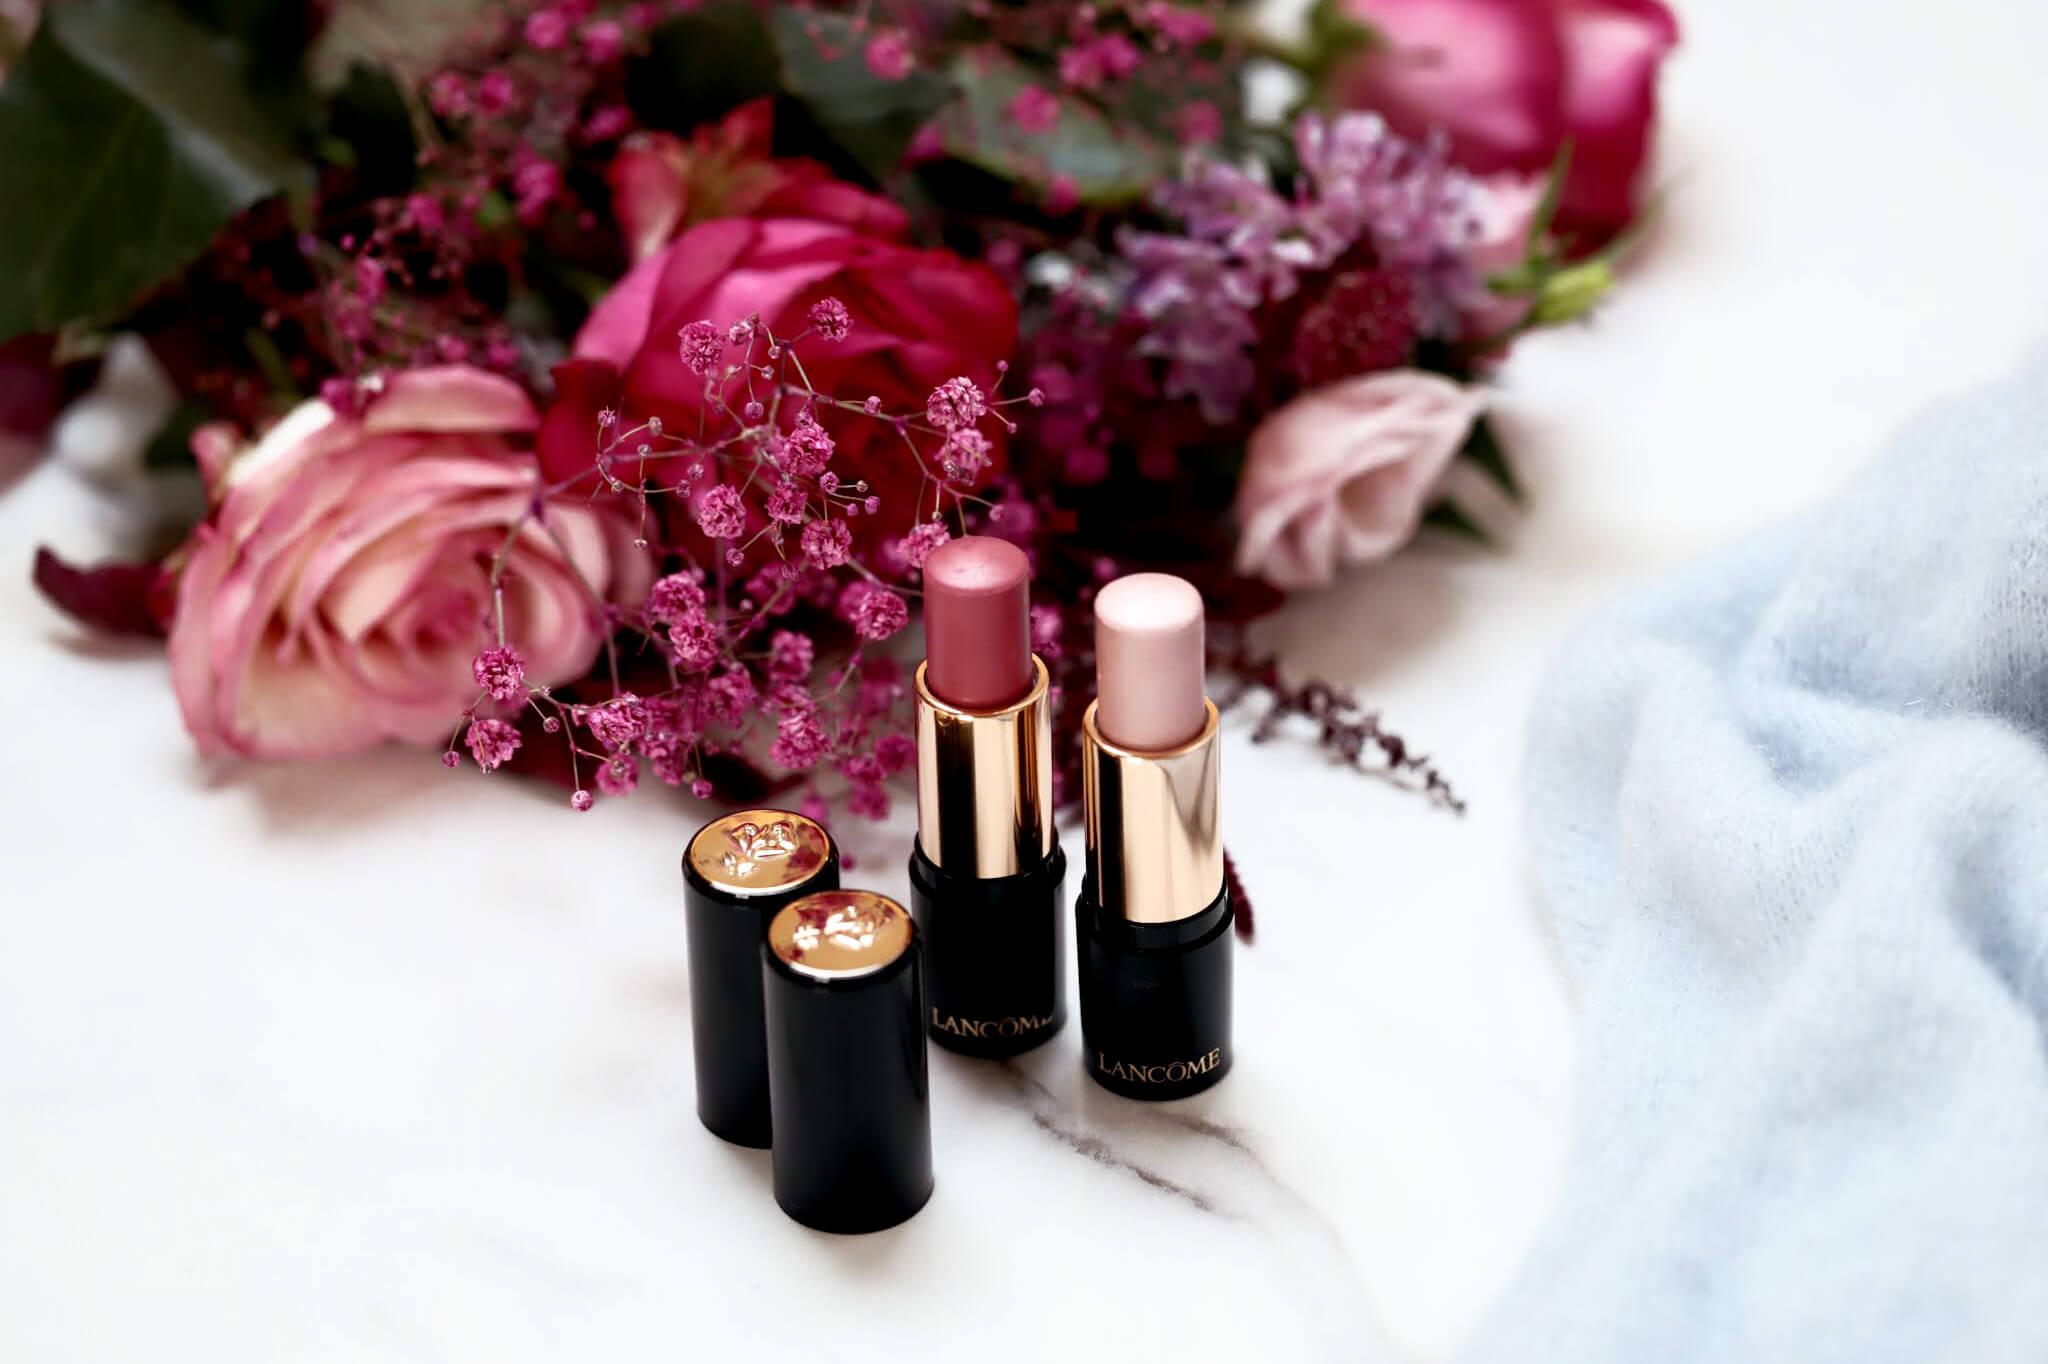 Lancôme Idole Ultra Wear Stick Blush Ambitious Pink 01 Vibrant Lilac